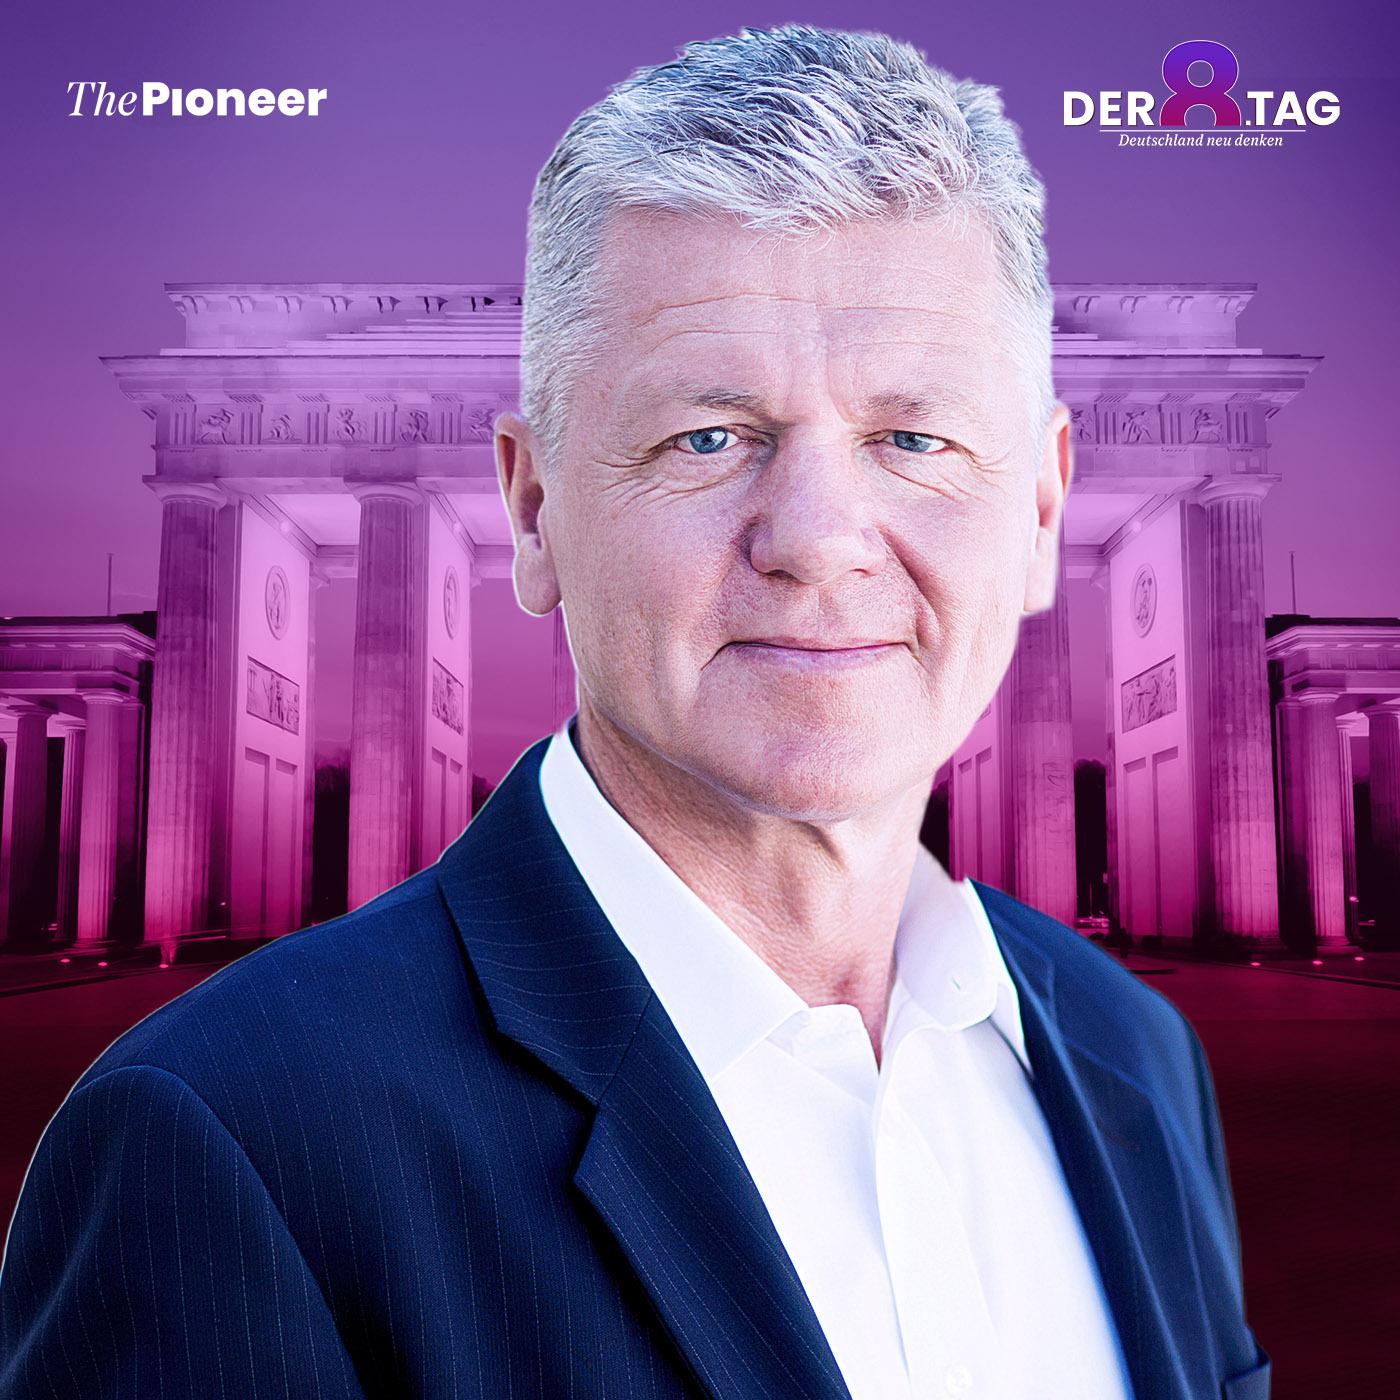 """Der achte Tag #44 - Dr. Reinhard K. Sprenger: """"Die Paralyse überwinden"""""""